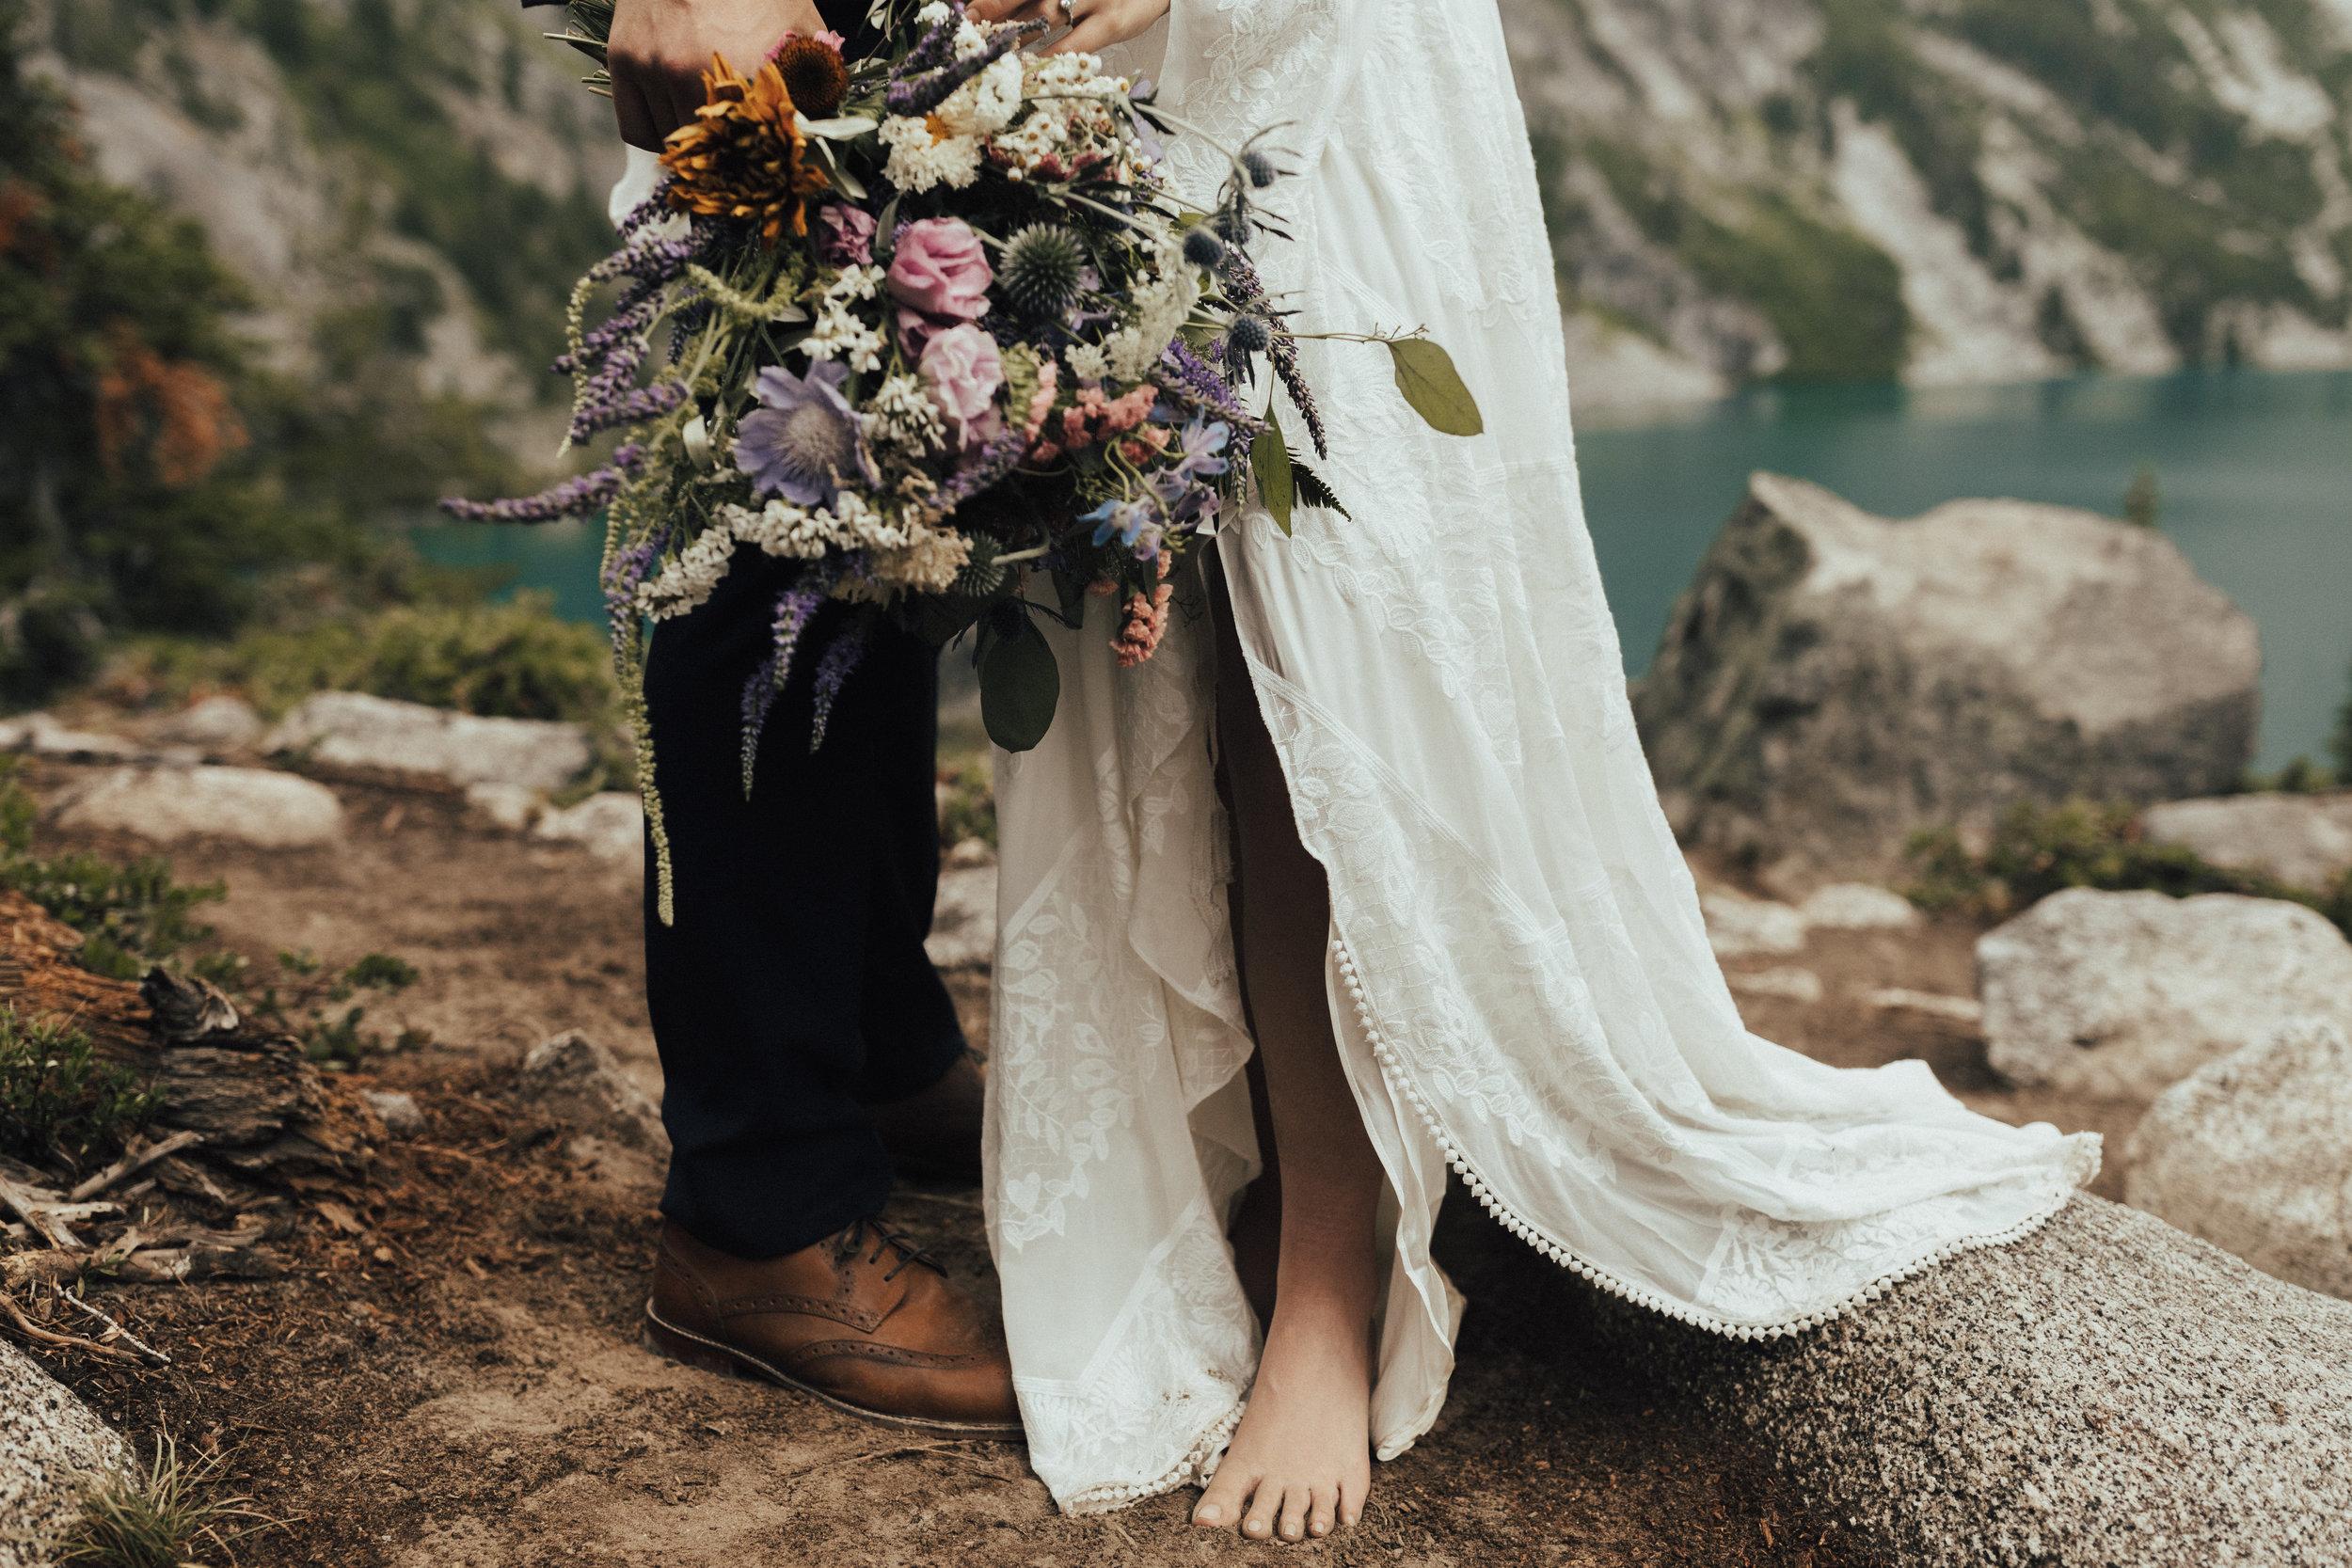 karaline_robby-colchuck-lake-elopement-washington-2018-peytoncurry-5284.jpg